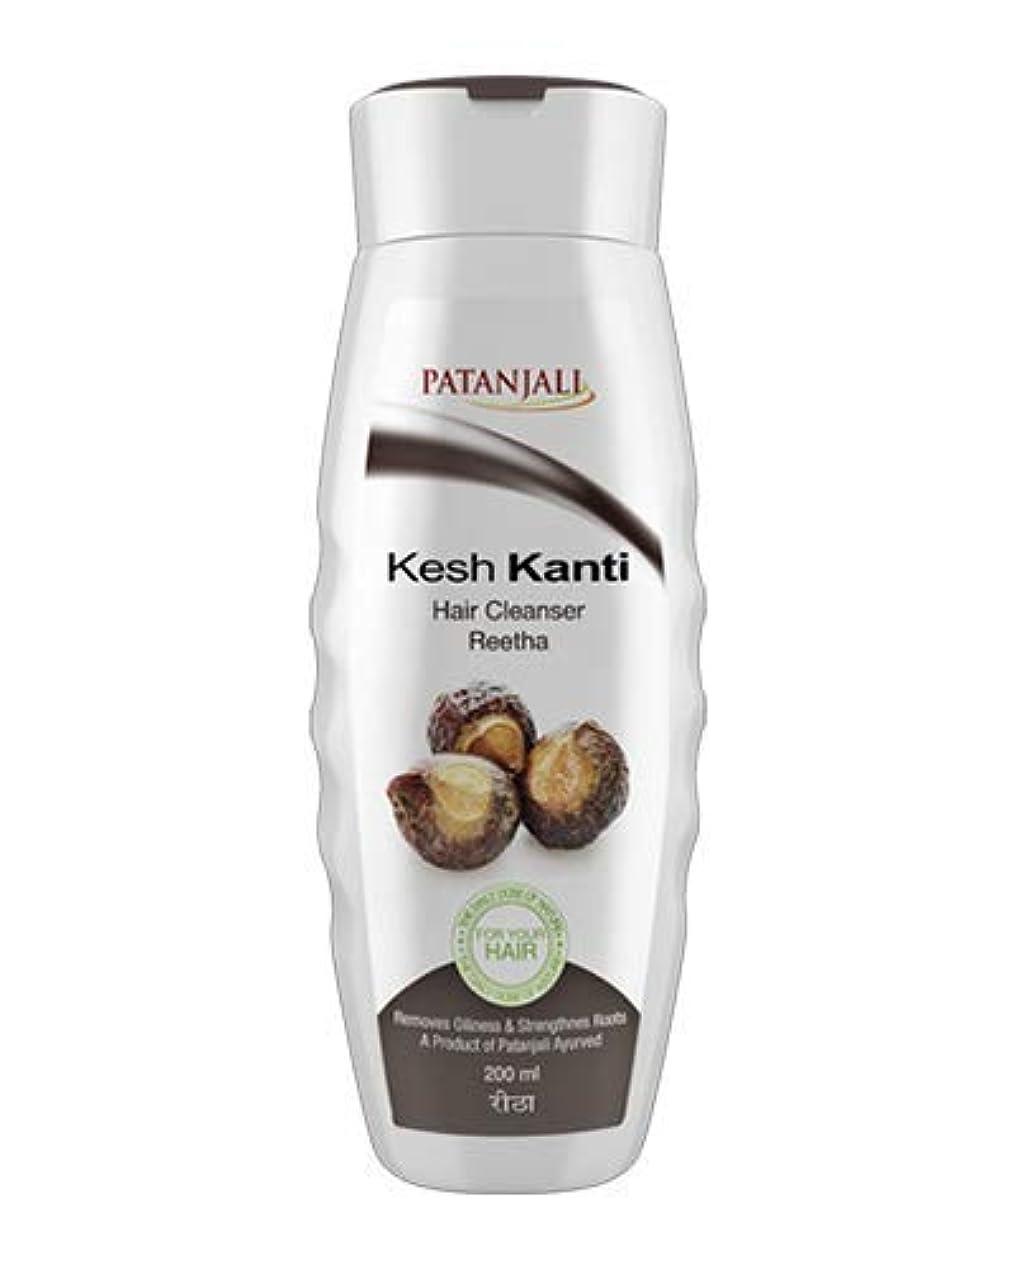 に同意する冷ややかな大使Patanjali Kesh Kanti Reetha Hair Cleanser Shampoo, 200ml